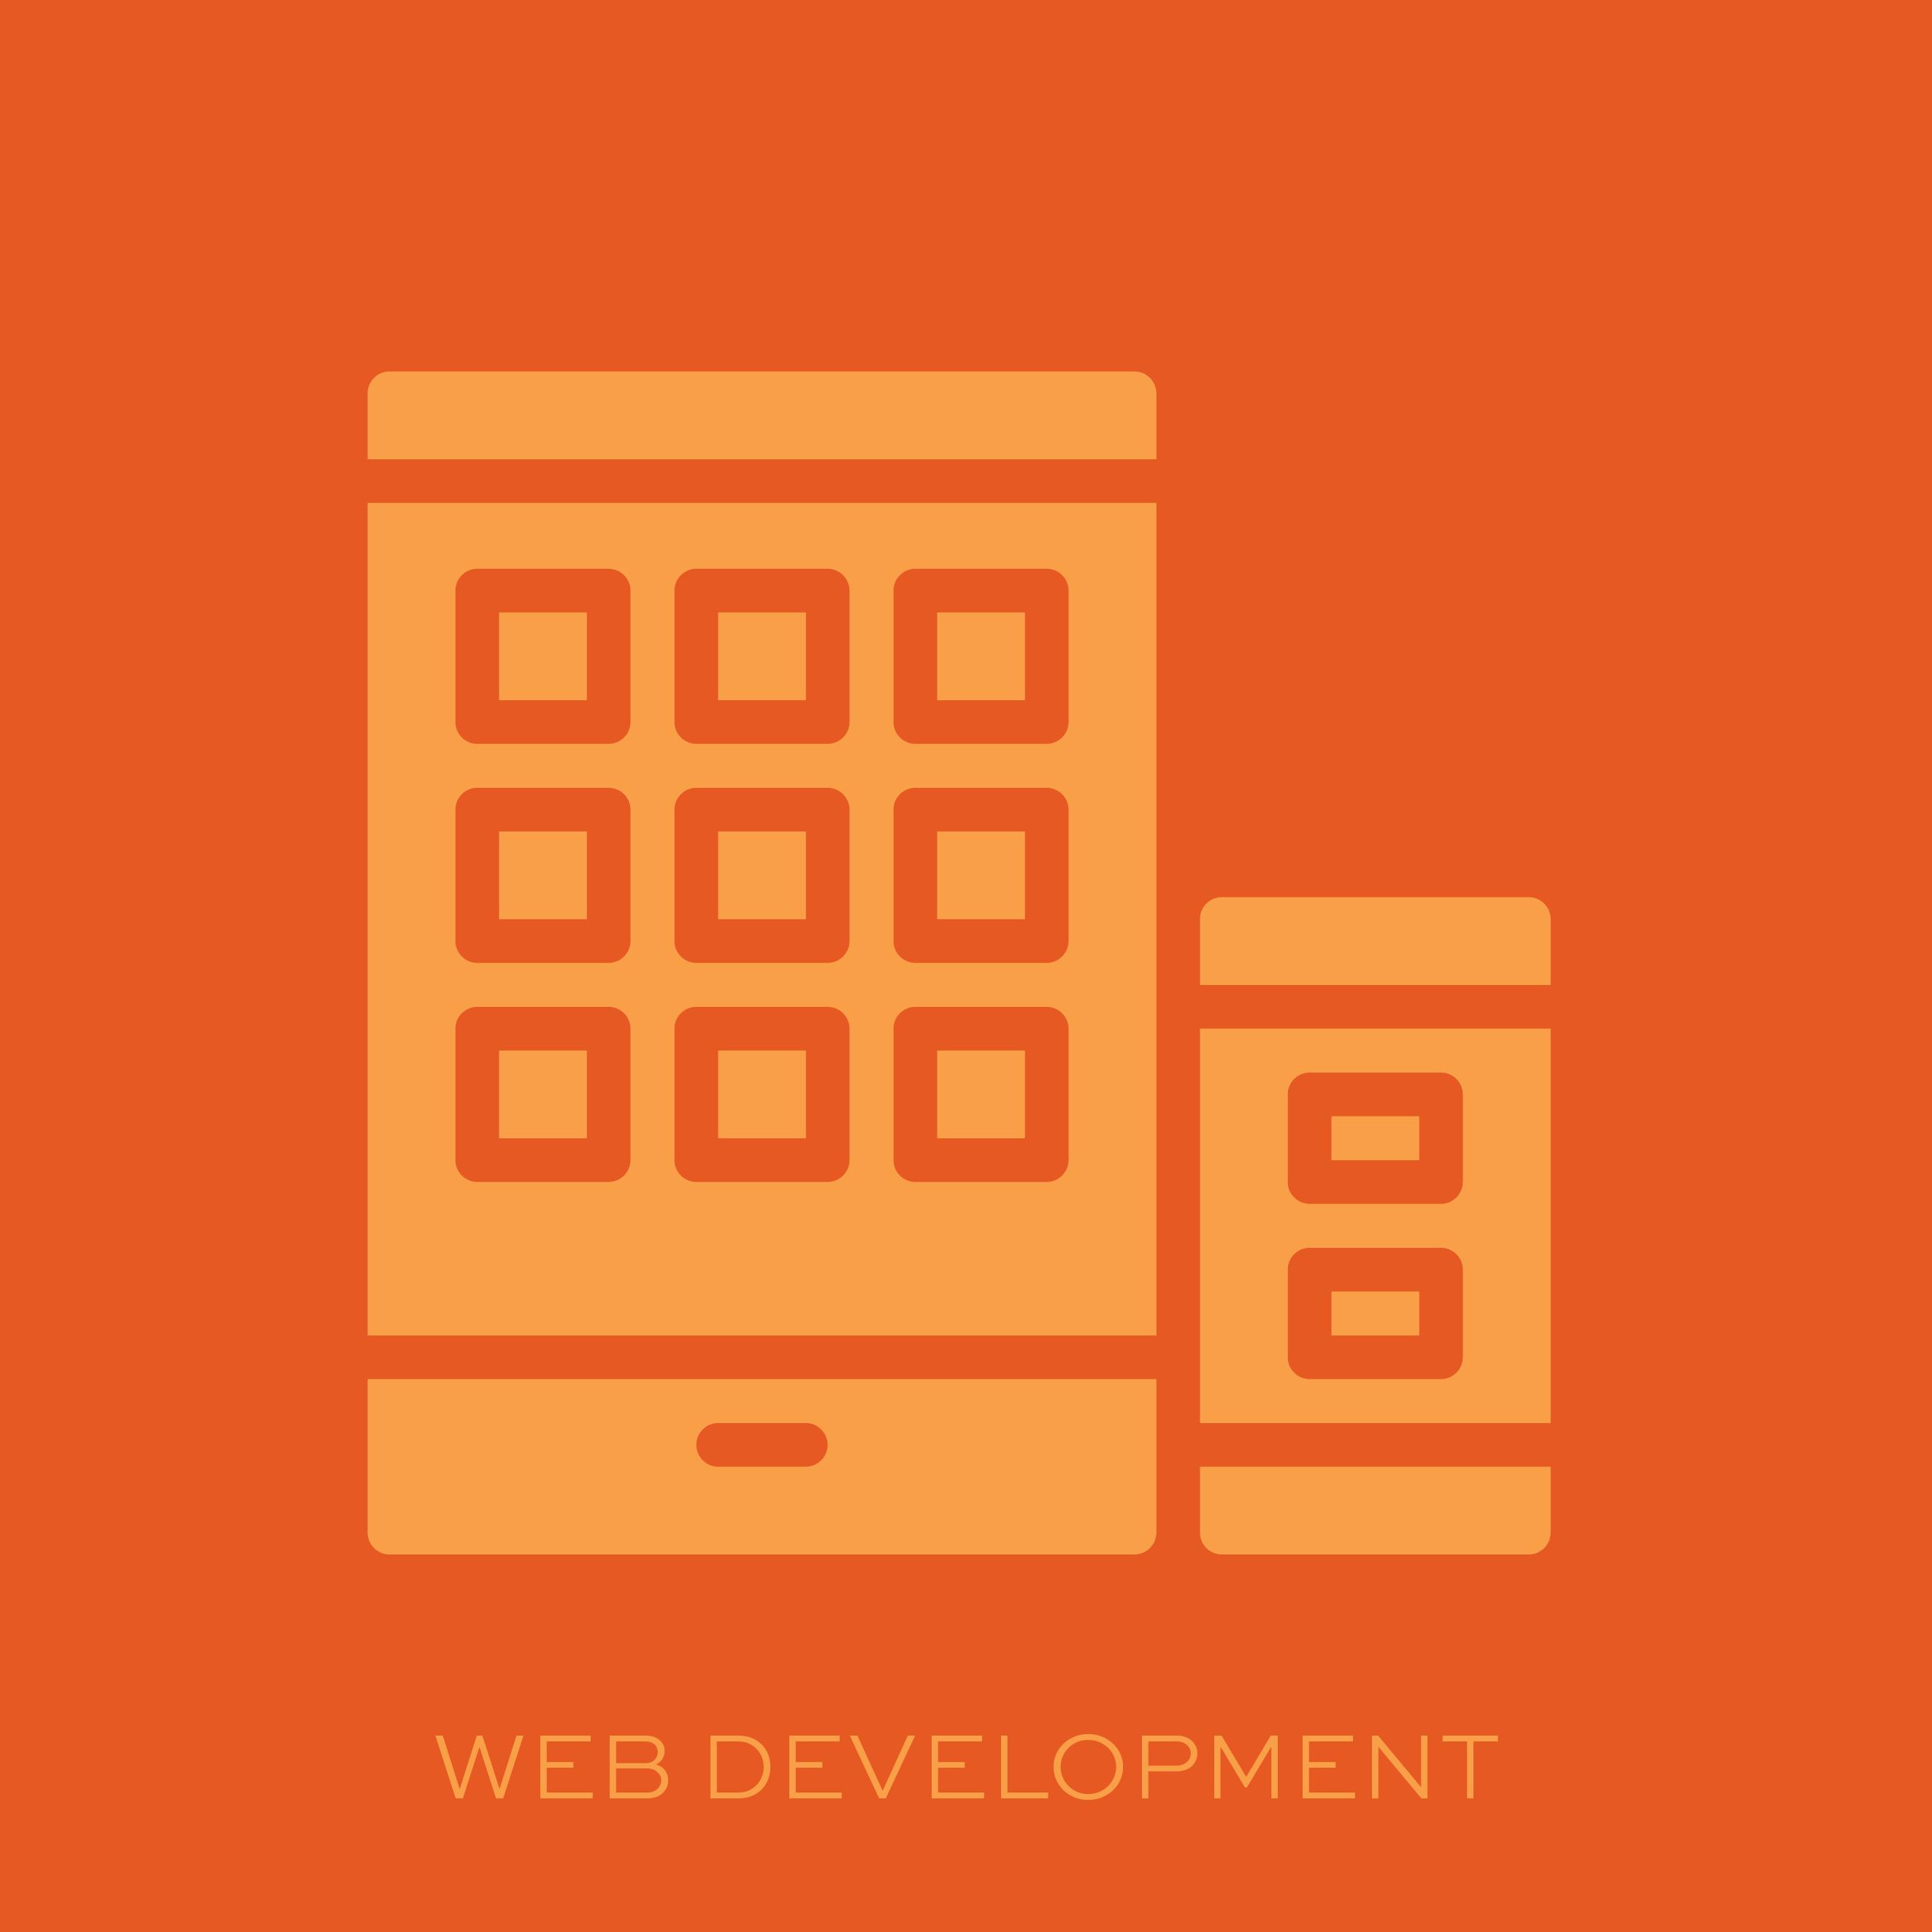 picto webdevelopment